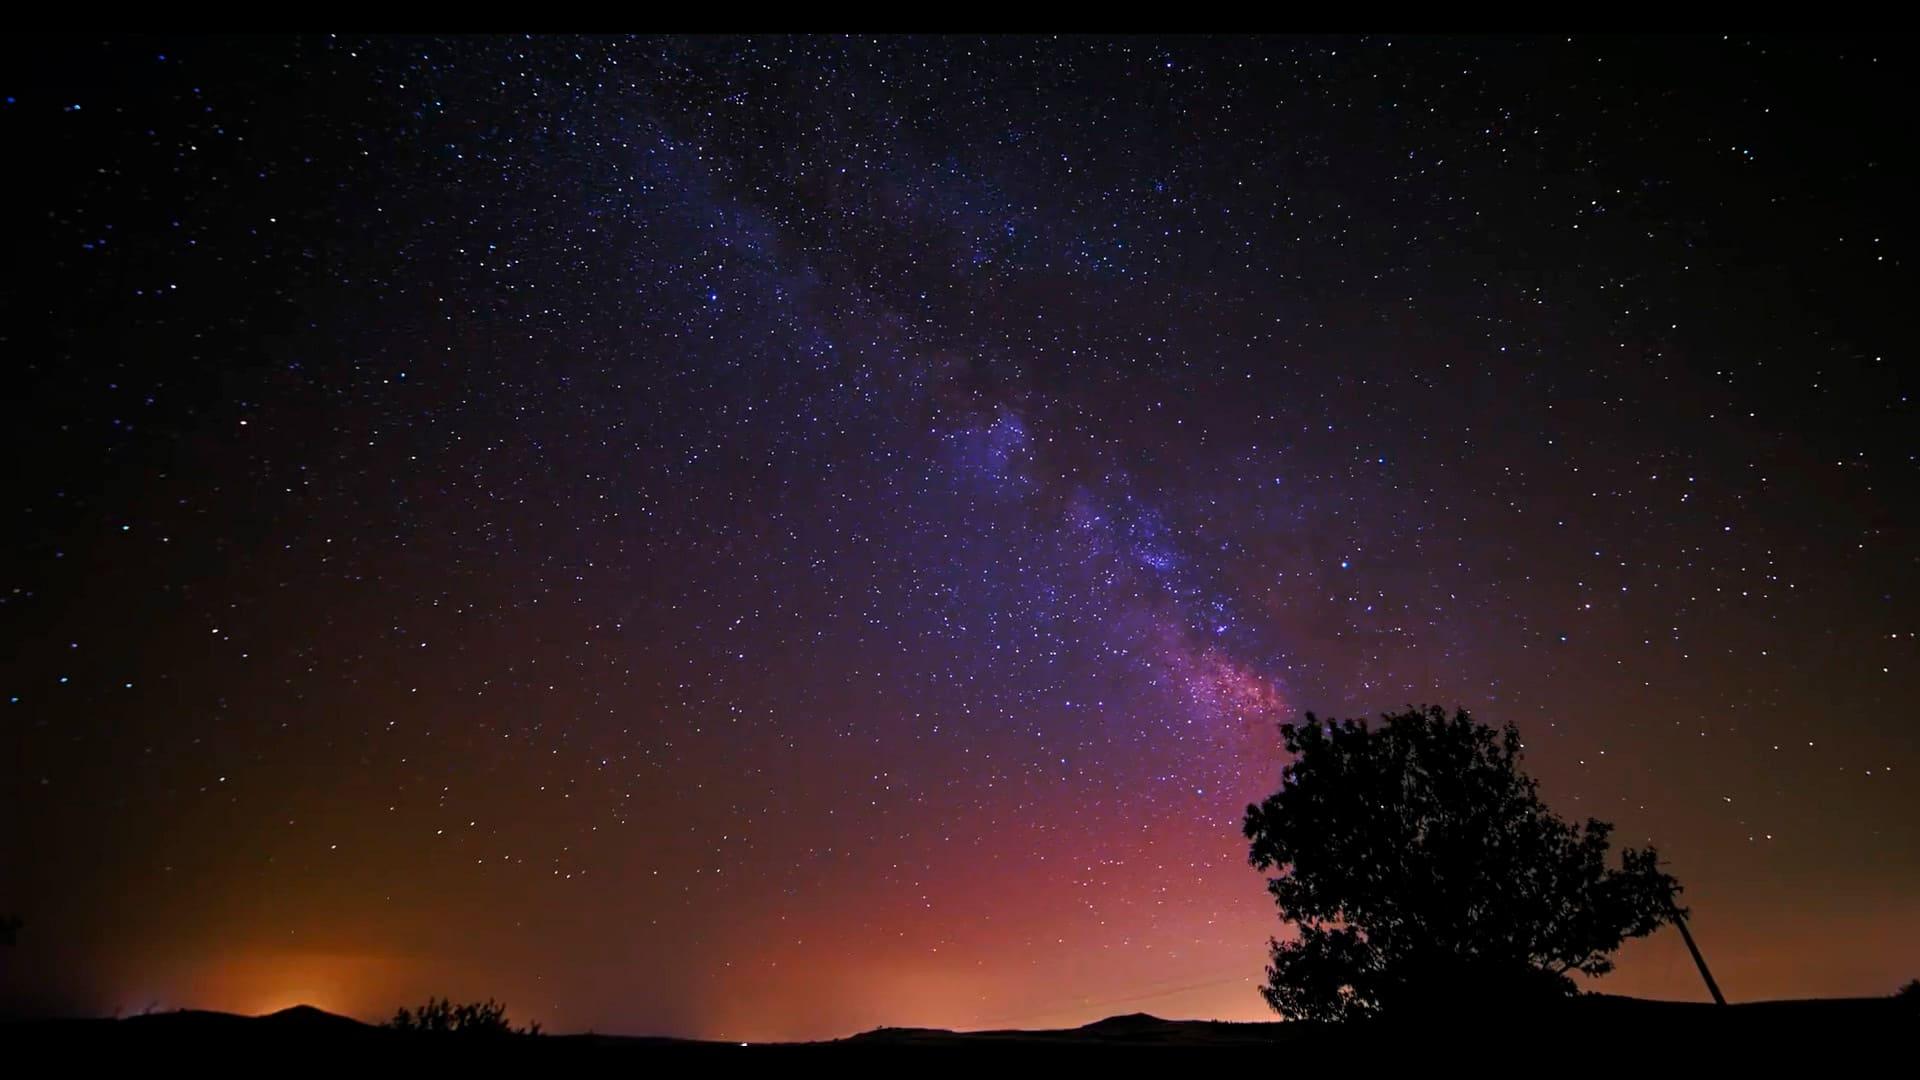 Concurso Mercurial de Poesía Científica